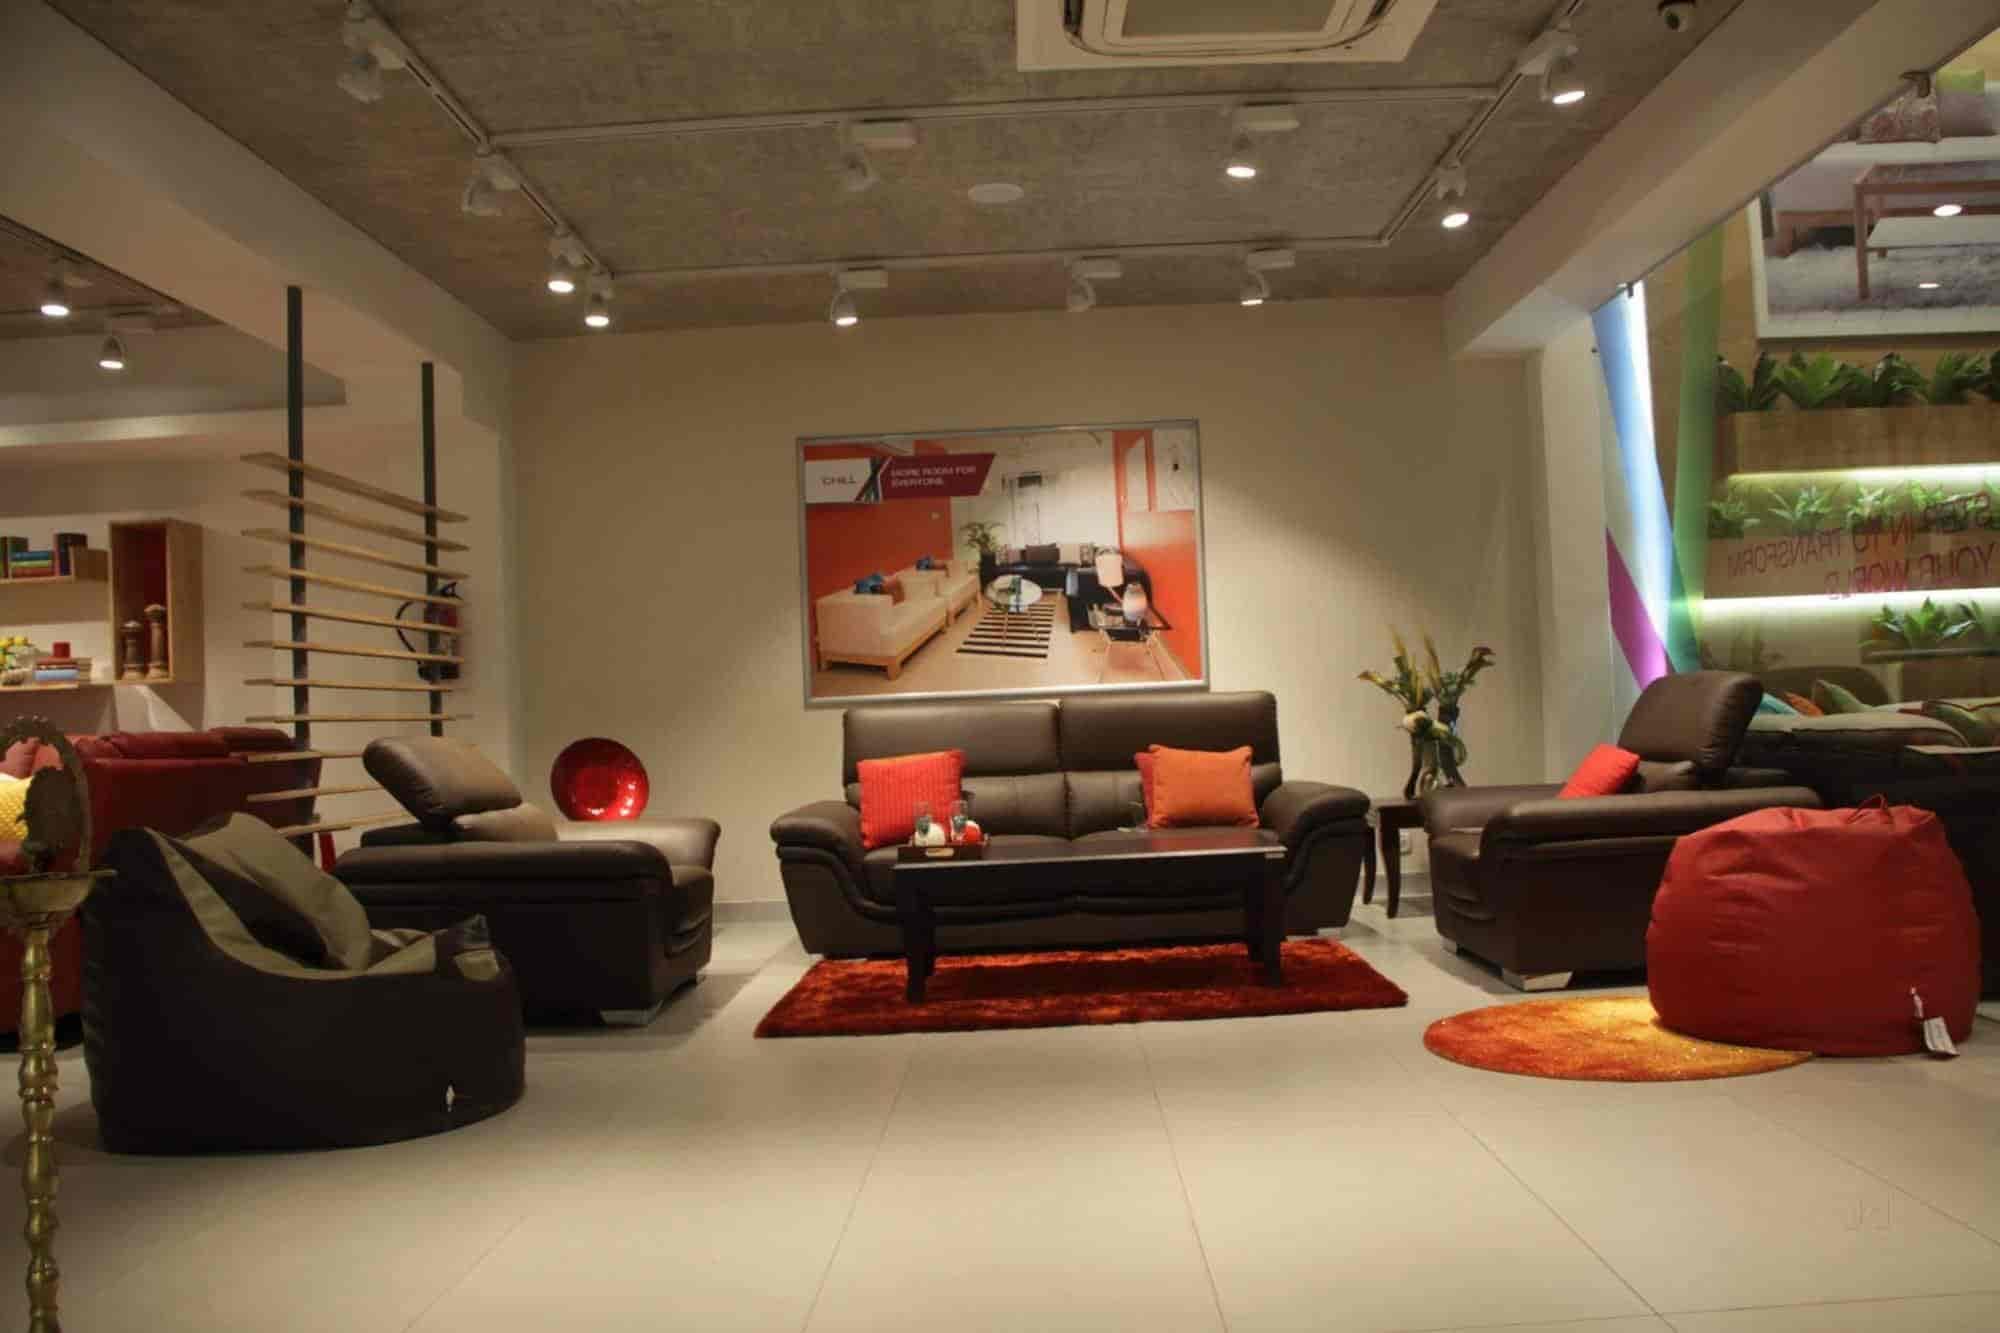 Godrej Interio Stores  Vikhroli West   Furniture Dealers in Mumbai    Justdial. Godrej Interio Stores  Vikhroli West   Furniture Dealers in Mumbai